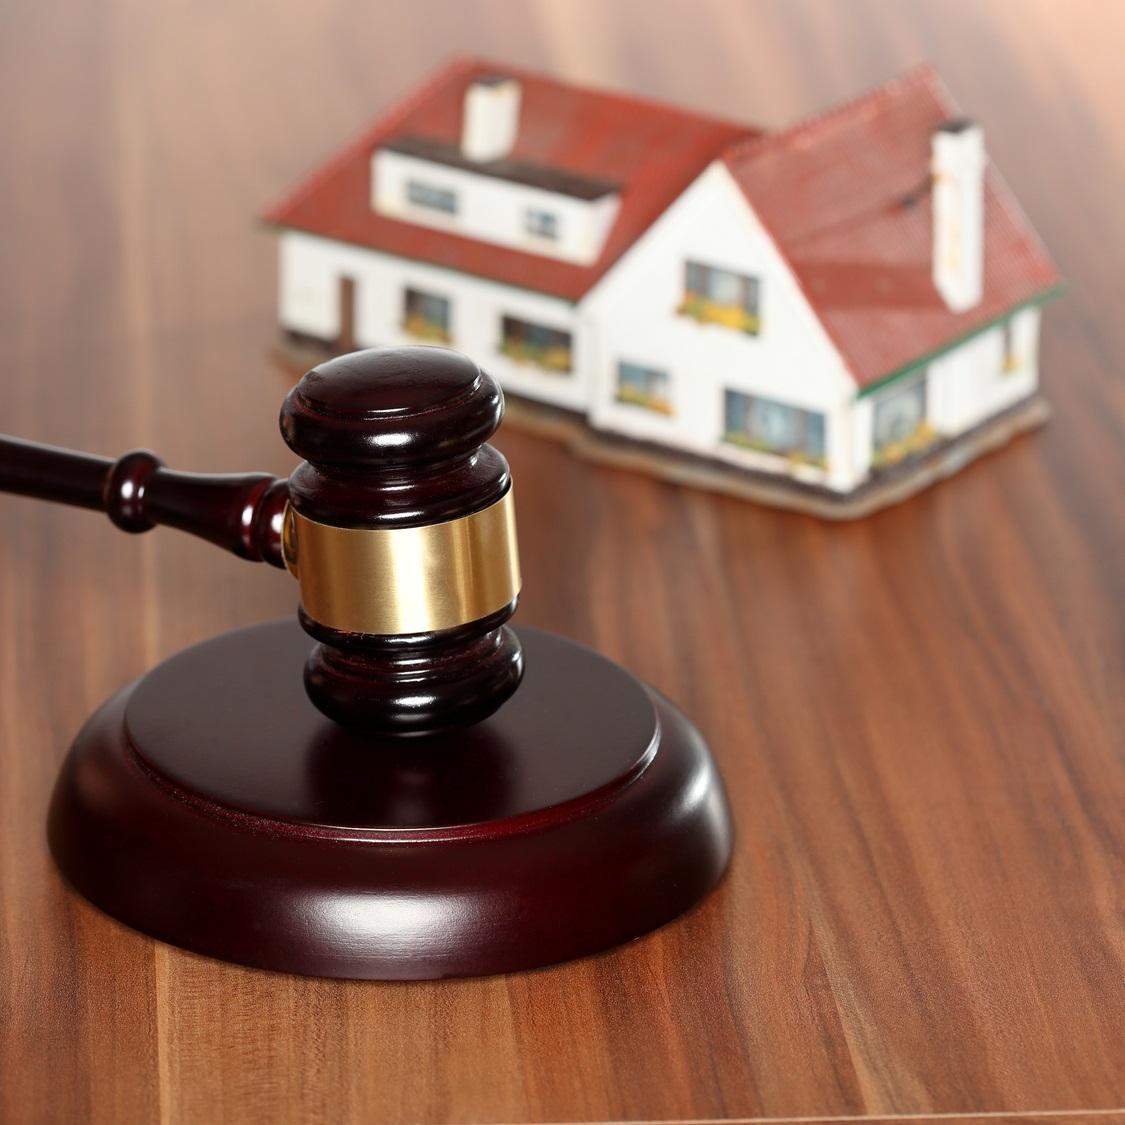 жилищные вопросы юрист для